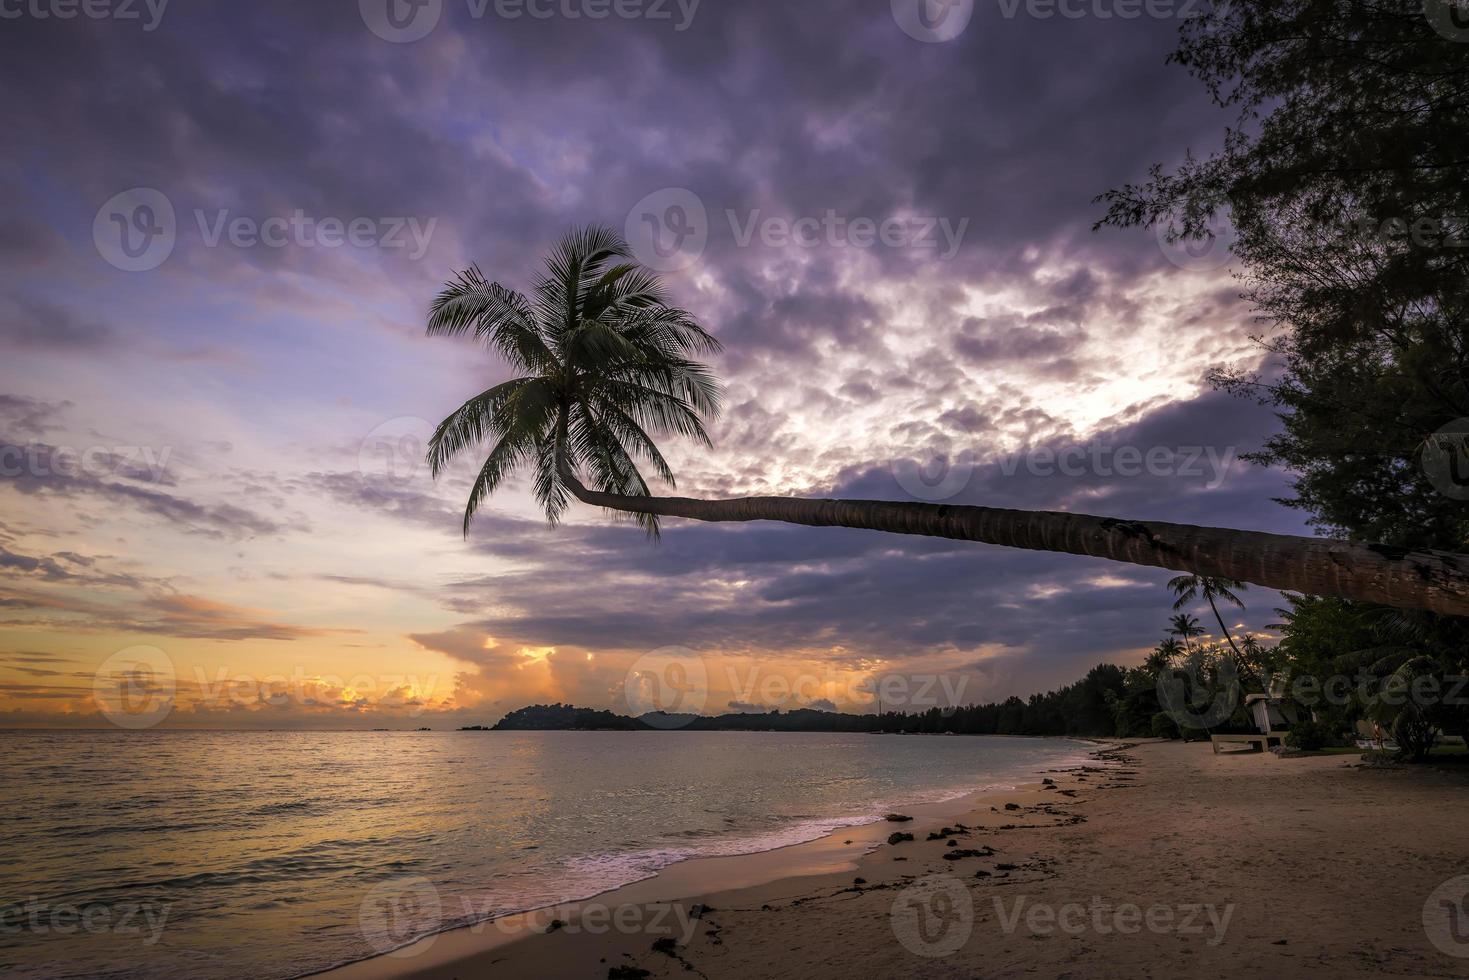 tramonto indonesiano foto